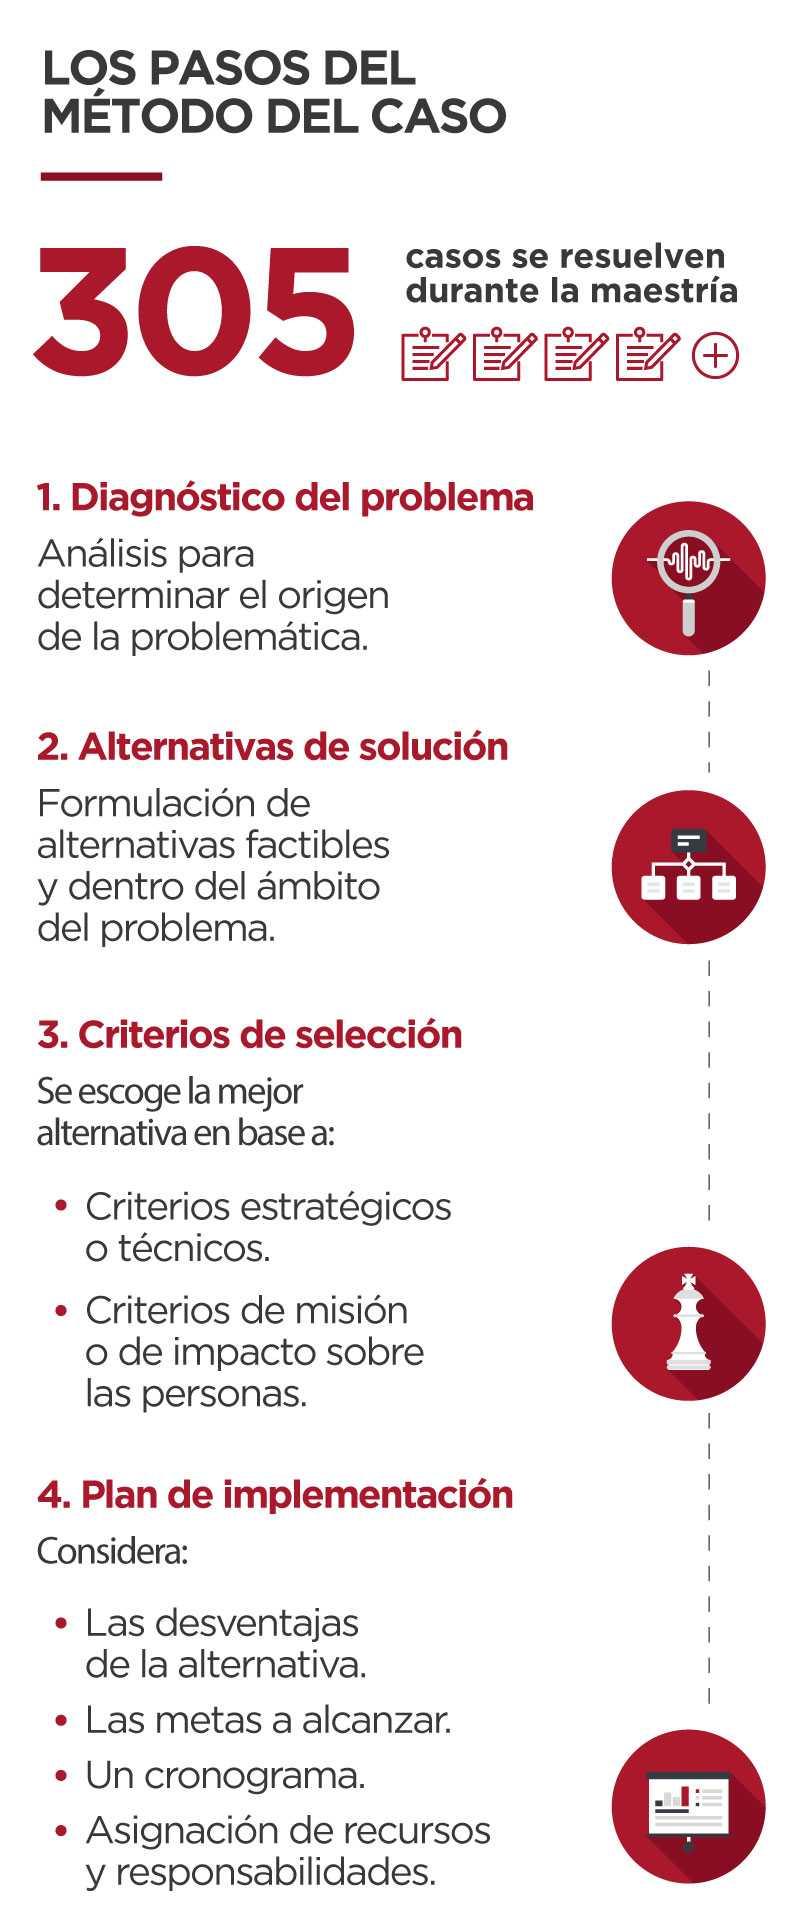 Los-pasos-del-metodo-del-caso-mba-pt-mobile